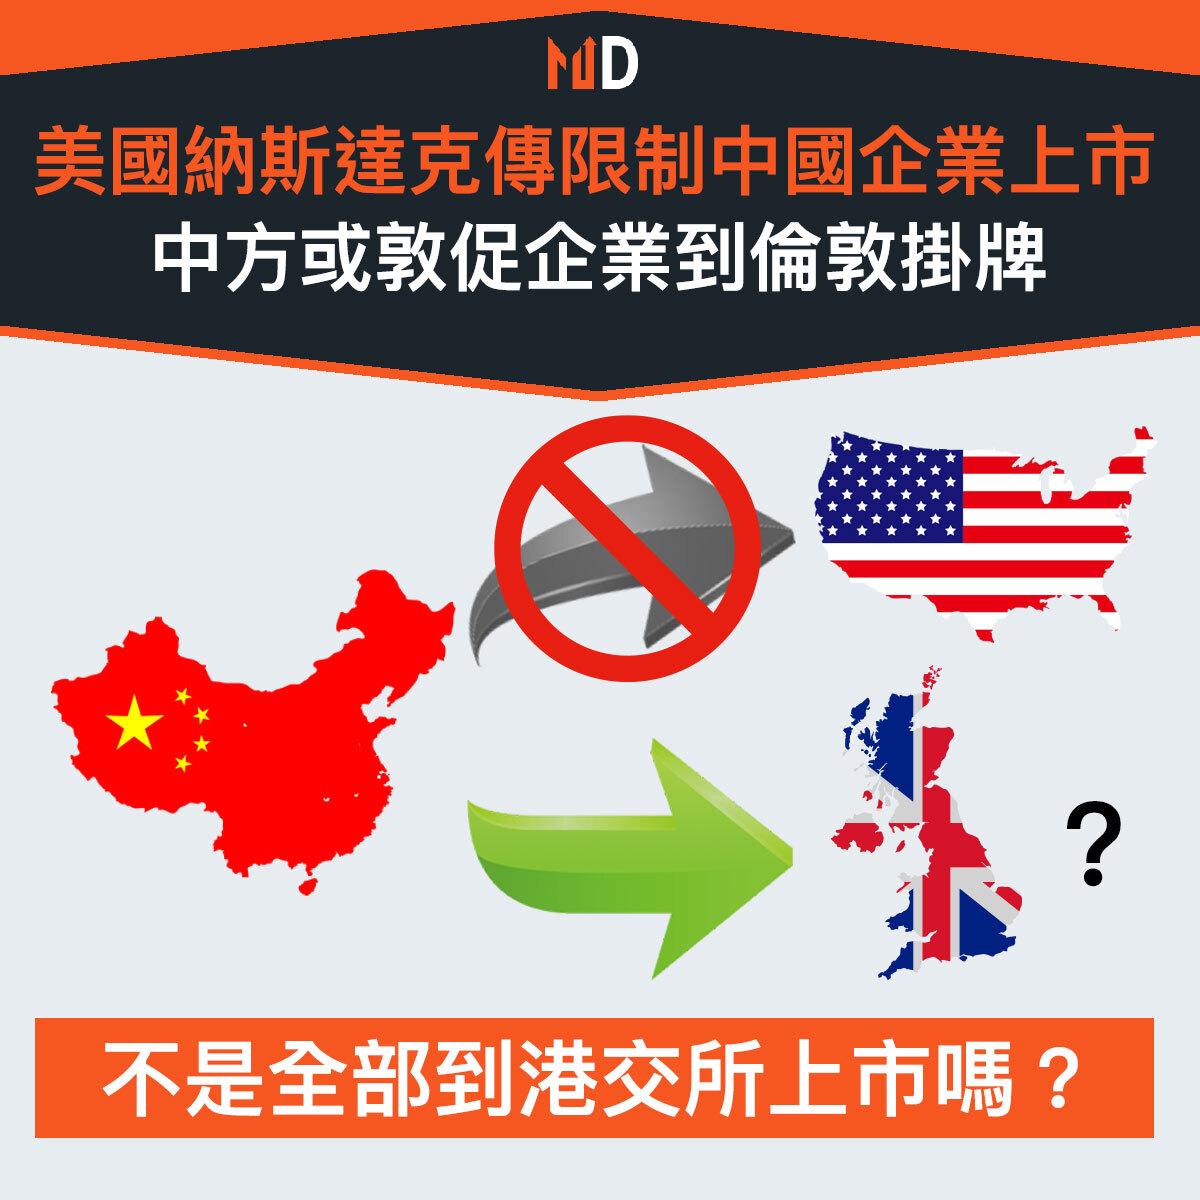 【市場熱話】美國納斯達克傳限制中國企業上市,中方或敦促企業到倫敦掛牌